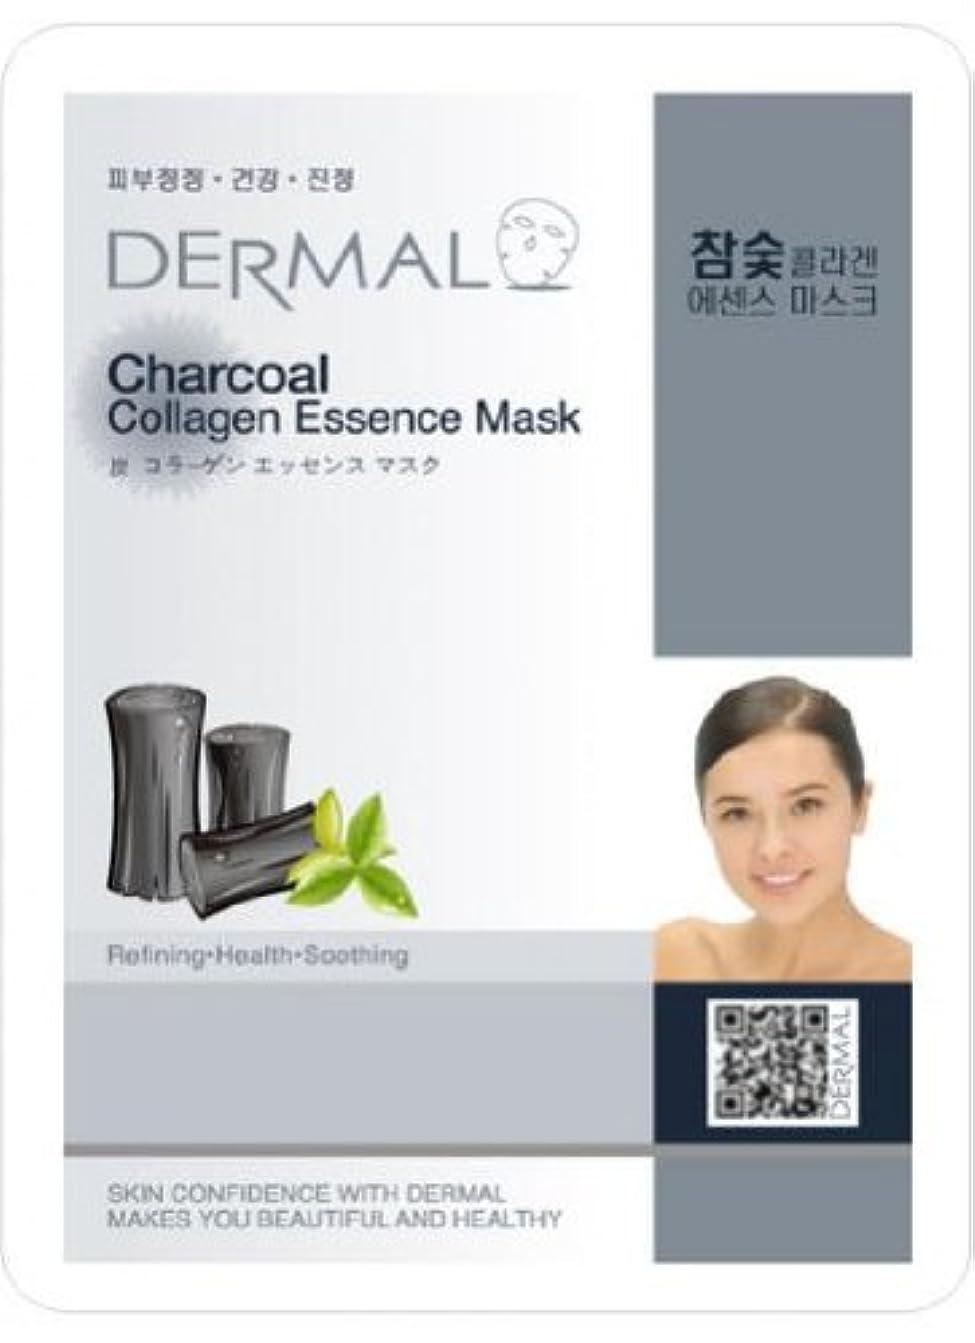 充実焼く硬さダーマル(Dermal) フェイス パック マスク 炭 10枚セット